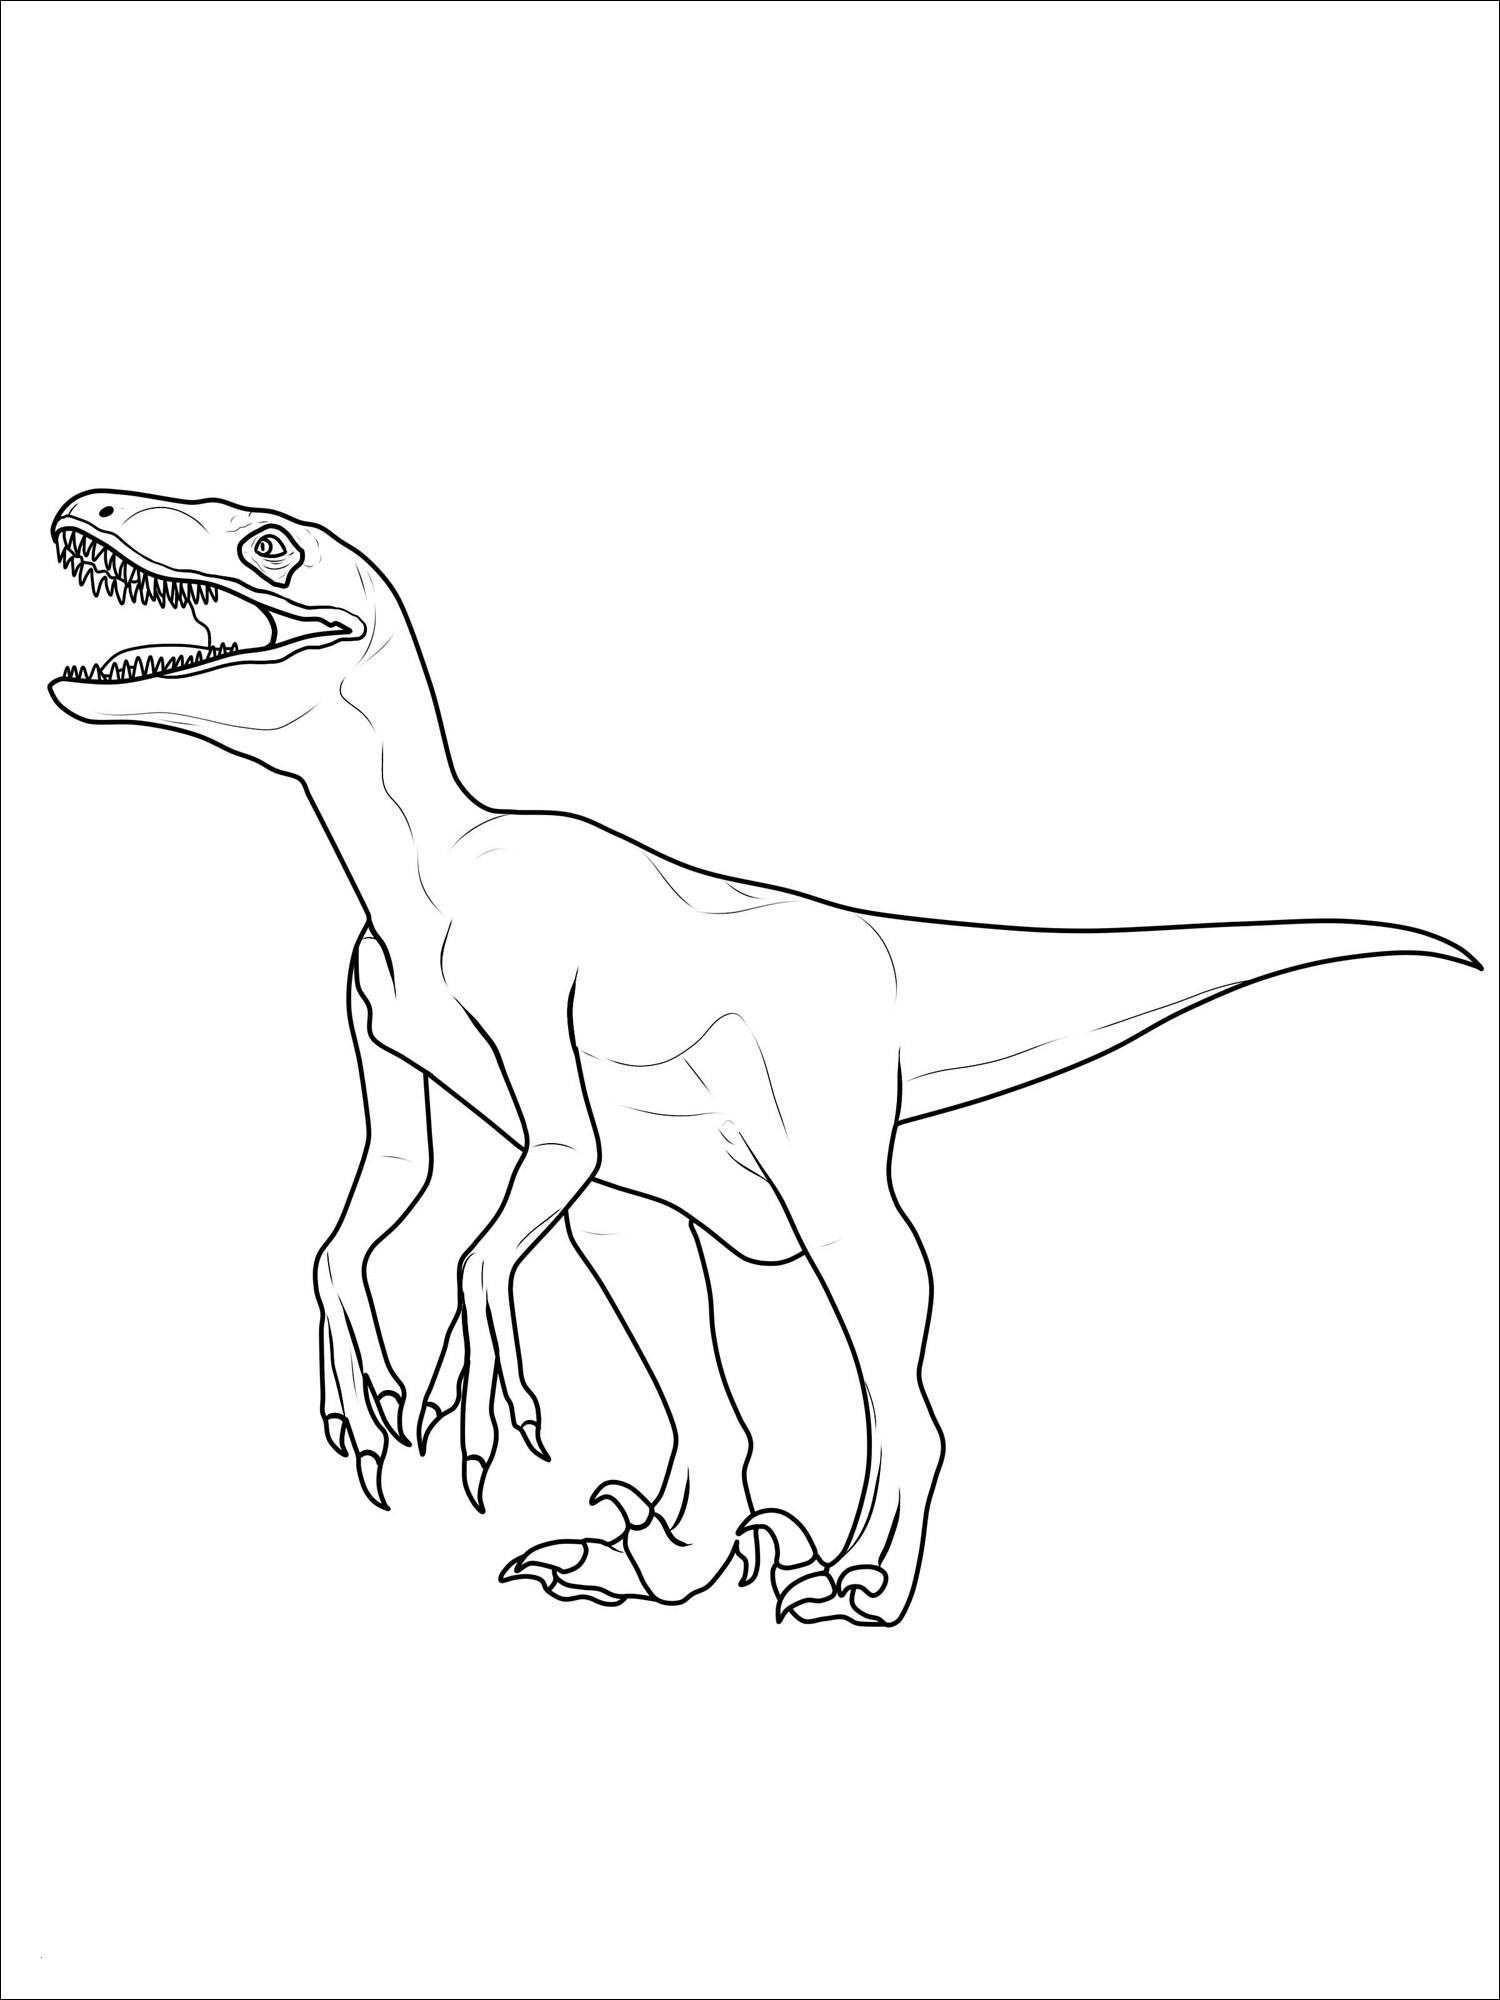 T Rex Zum Ausmalen Frisch Ausmalbilder T Rex Galerie Spannende Coloring Bilder T Rex Das Bild